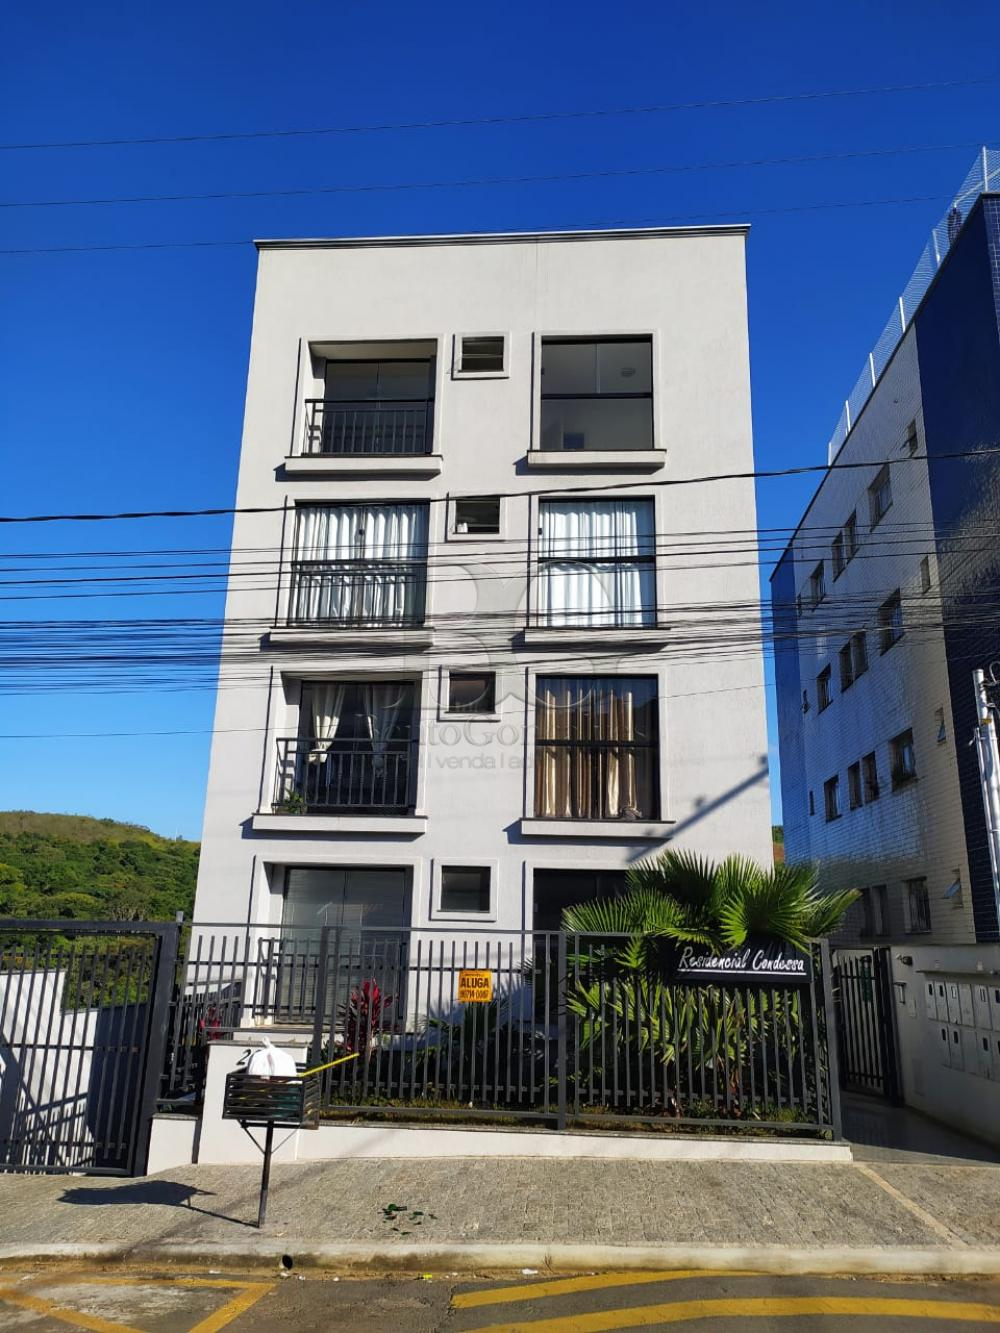 Comprar Apartamentos / Padrão em Poços de Caldas apenas R$ 265.000,00 - Foto 1